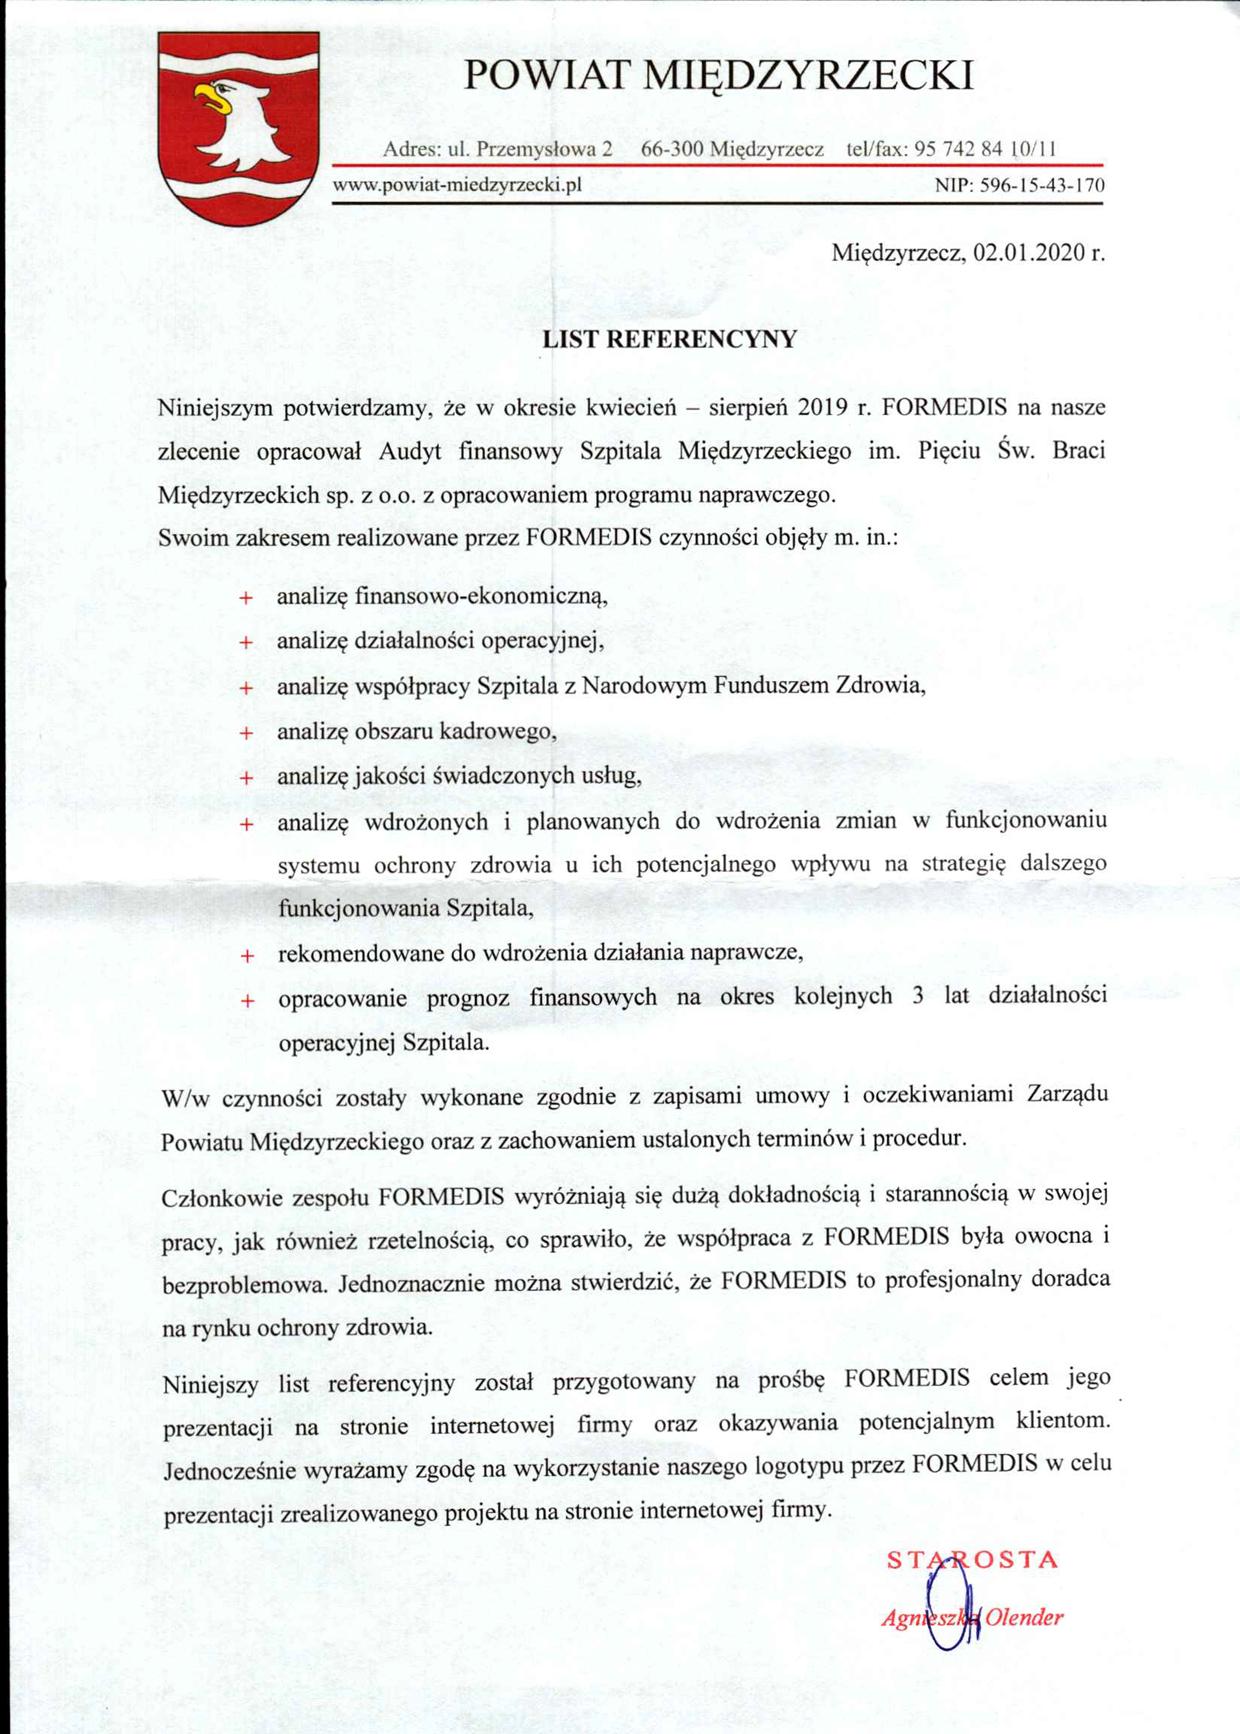 Powiat Międzyrzecki